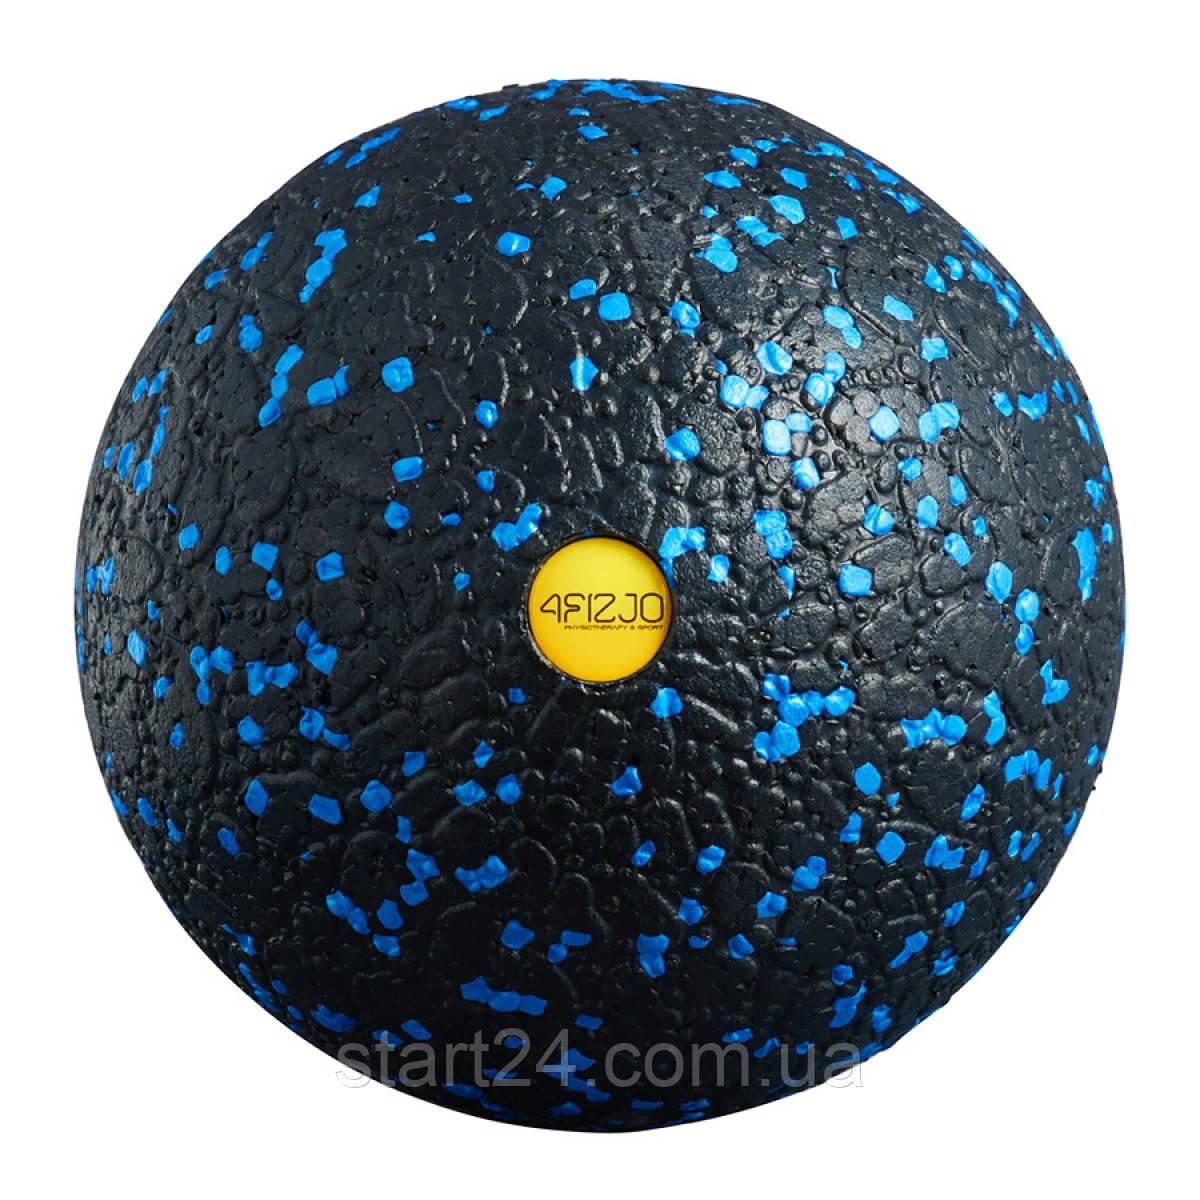 Масажний м'яч 4FIZJO EPP Ball 12 4FJ1288 Black/Blue